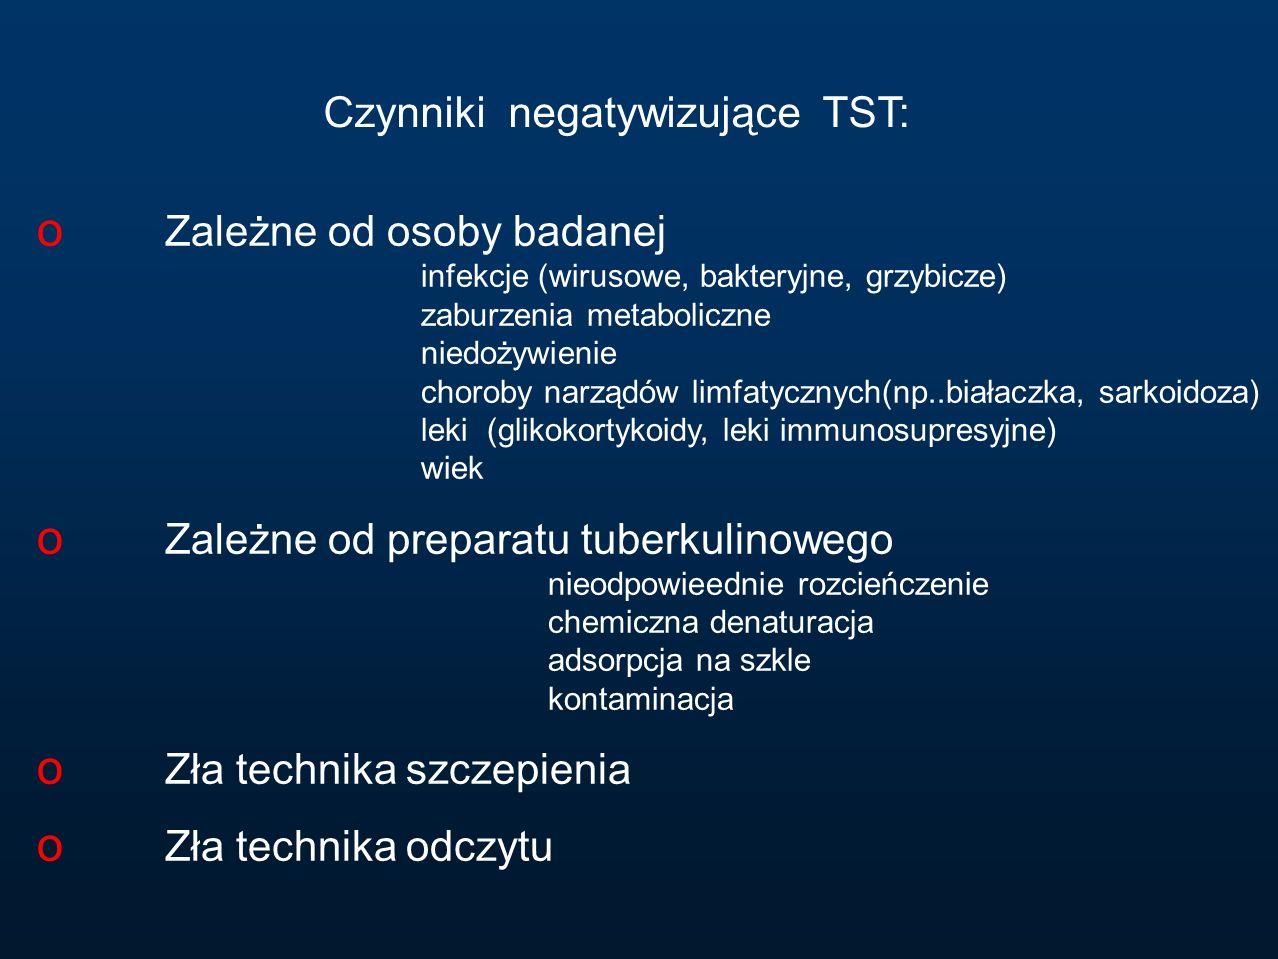 Czynniki negatywizujące TST: o Zależne od osoby badanej infekcje (wirusowe, bakteryjne, grzybicze) zaburzenia metaboliczne niedożywienie choroby narzą